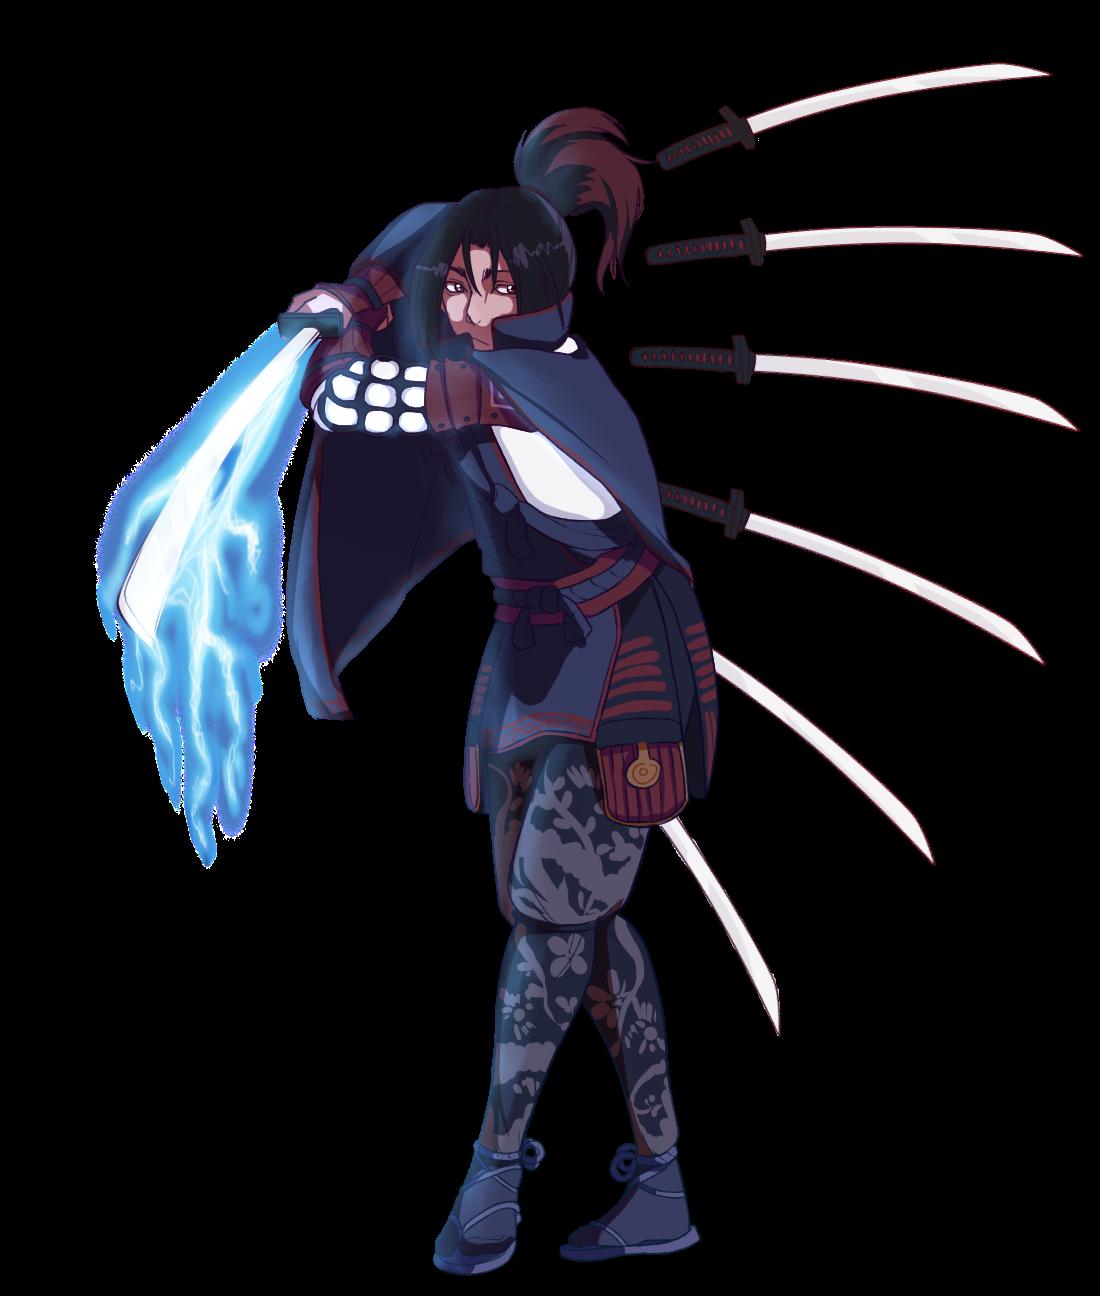 [C] Bdo Ninja